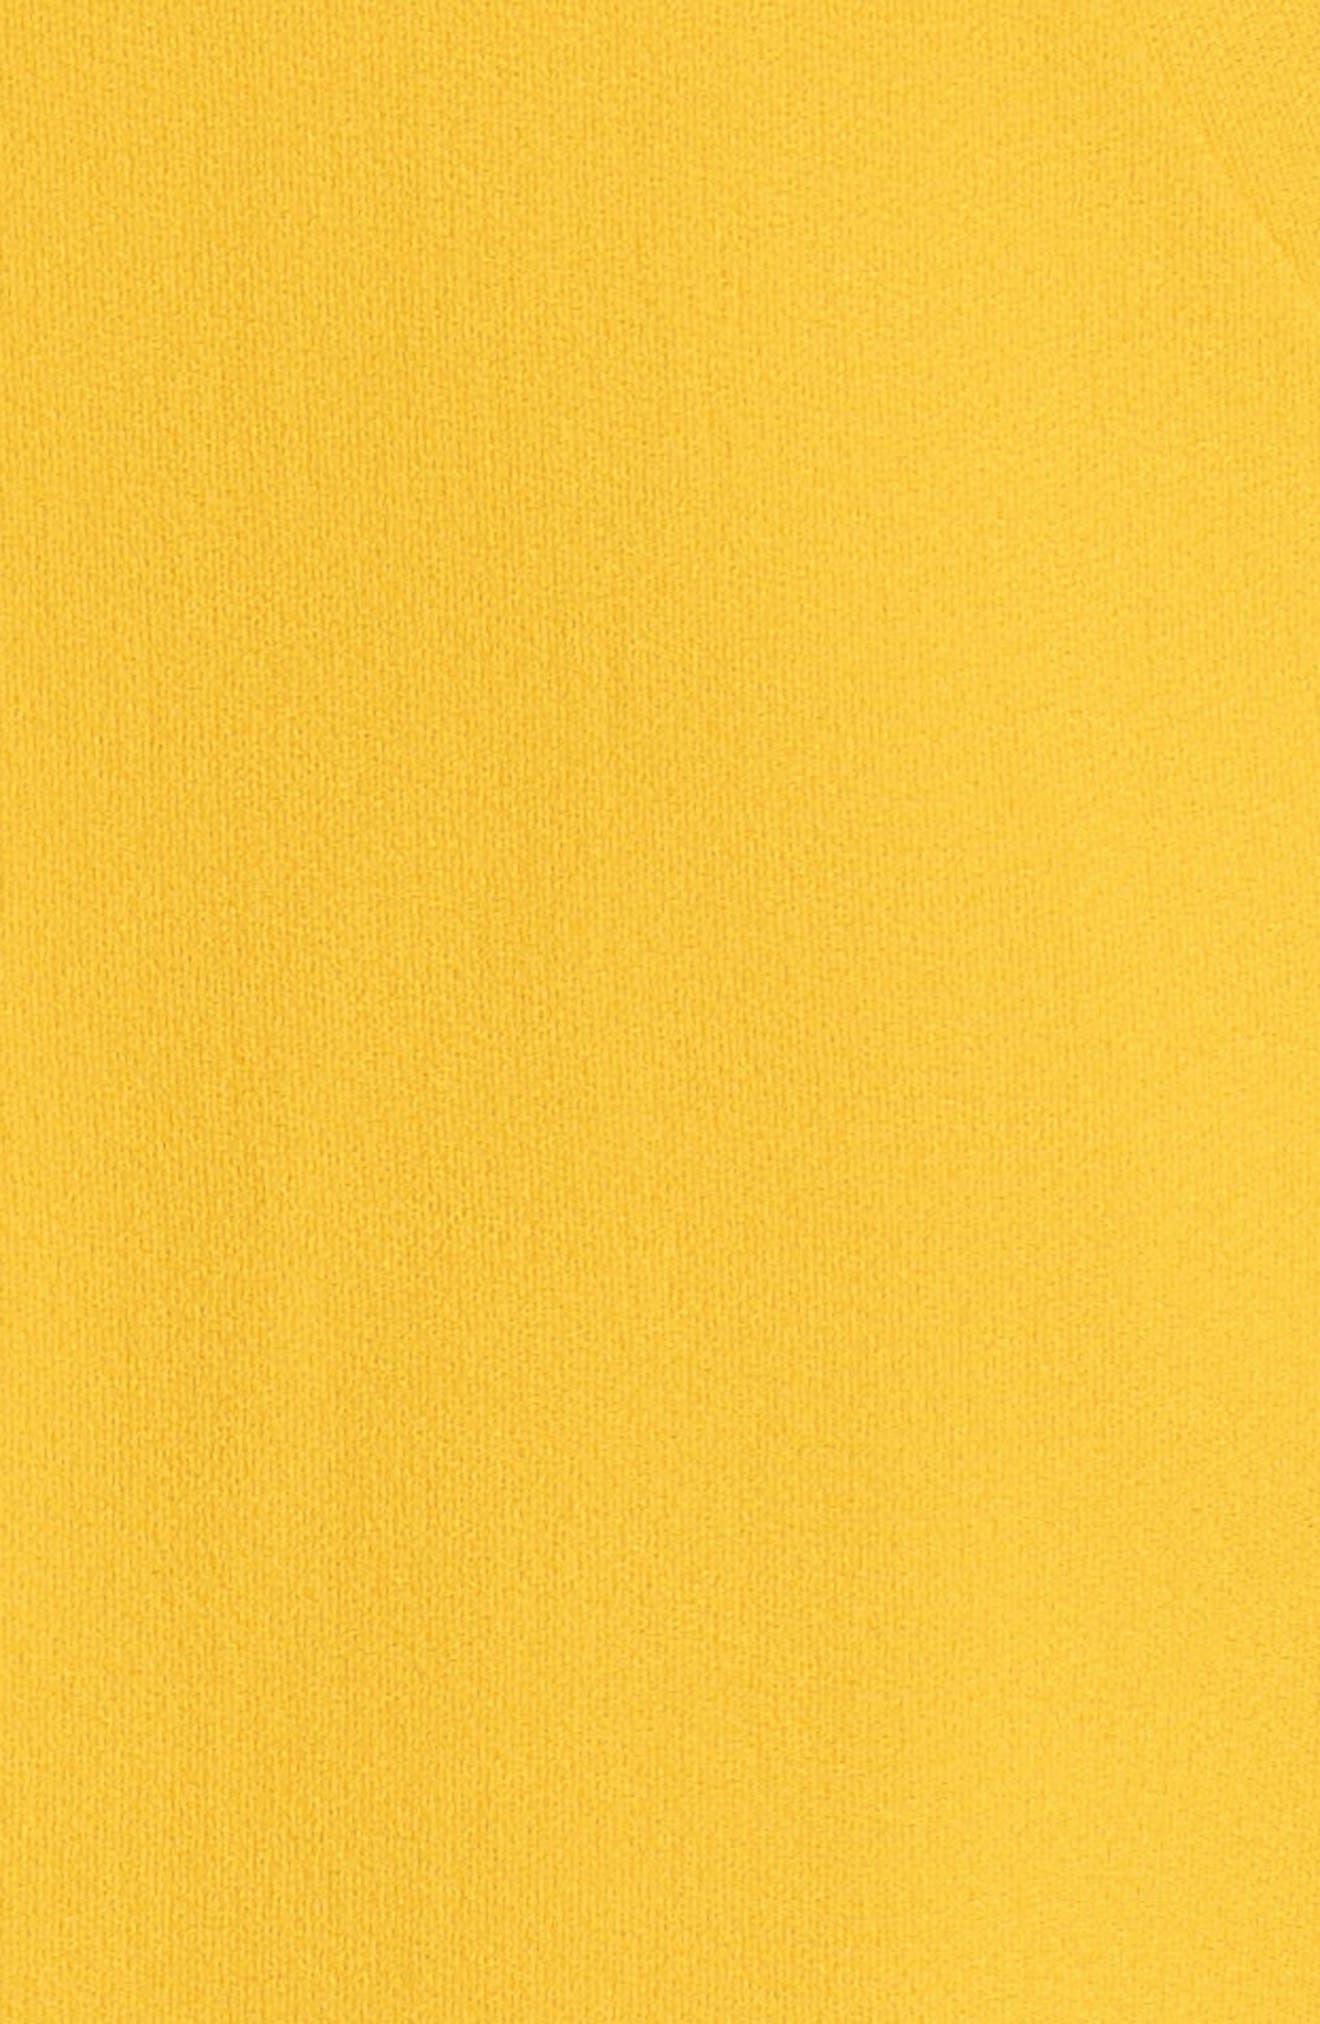 Ruffle Satin Back Crepe Dress,                             Alternate thumbnail 6, color,                             700